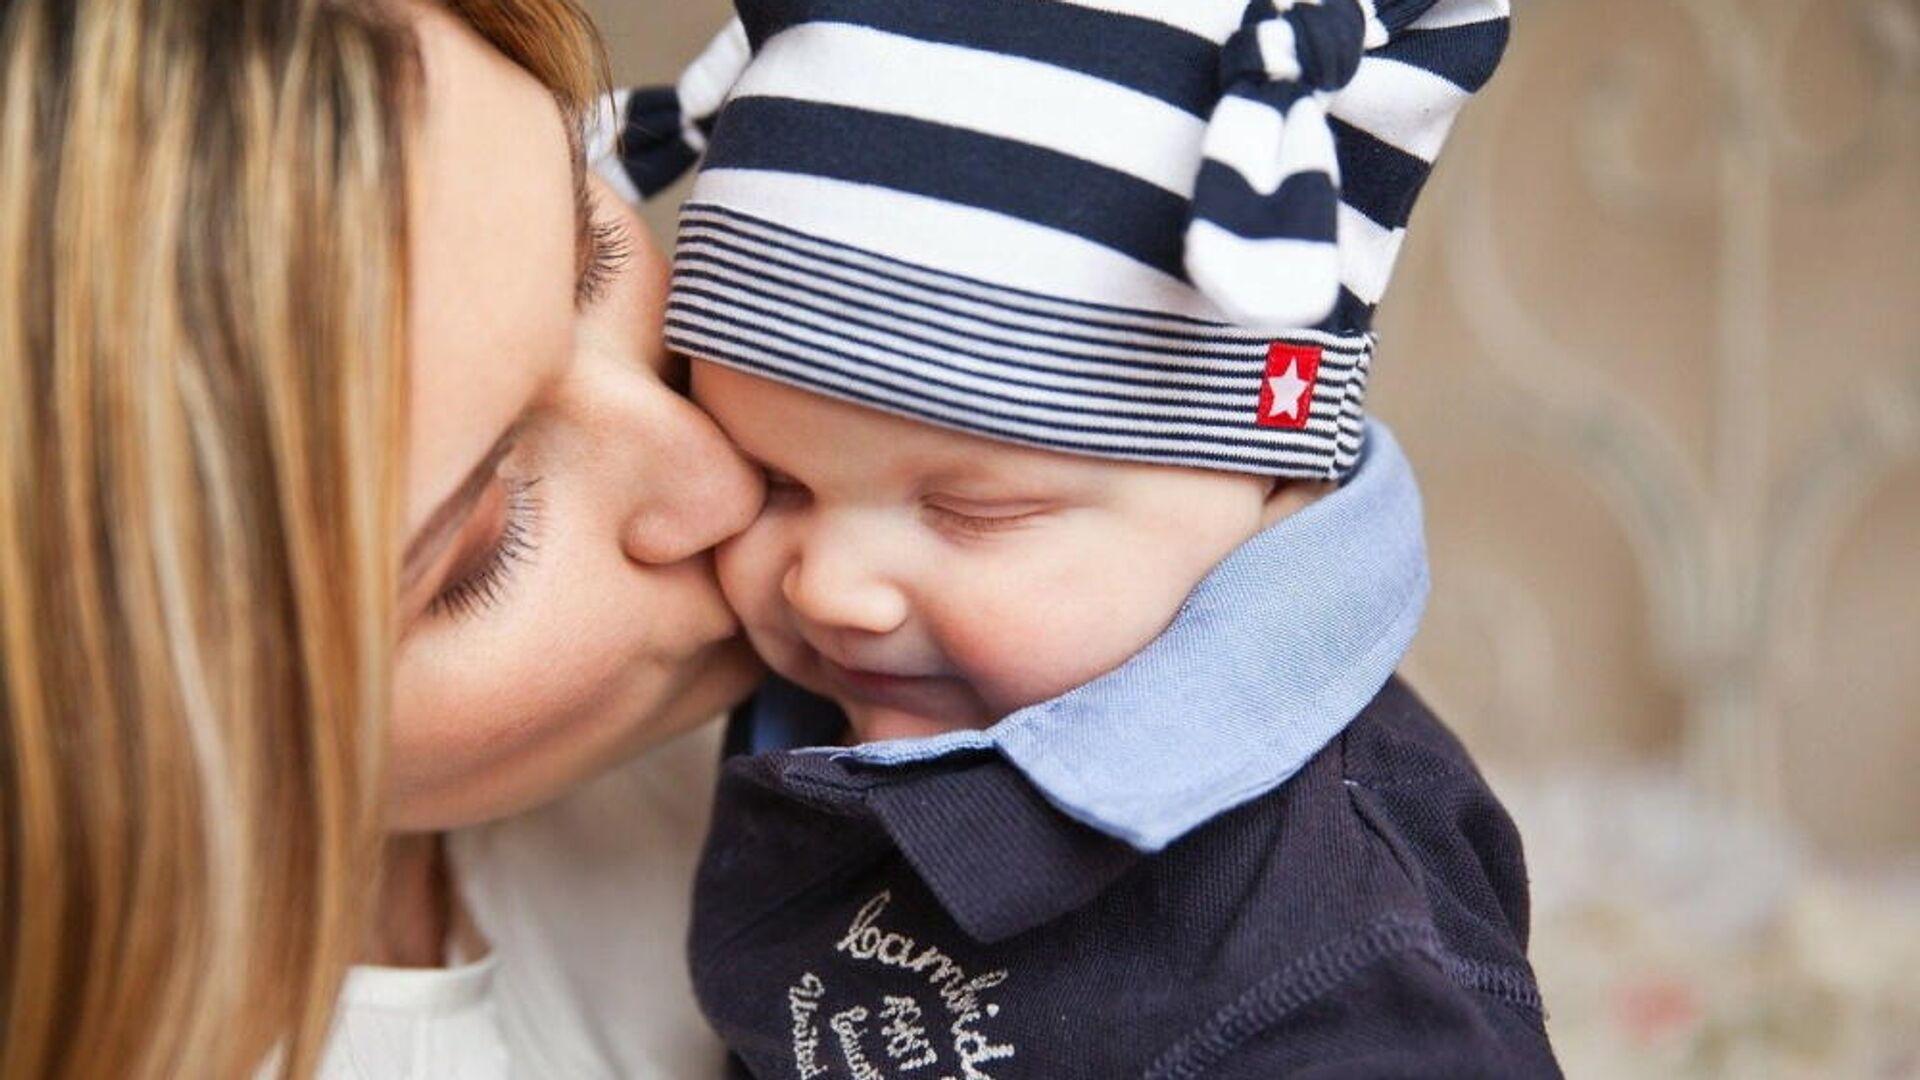 Μητέρα και φιλί στο μωρό της - Sputnik Ελλάδα, 1920, 15.09.2021